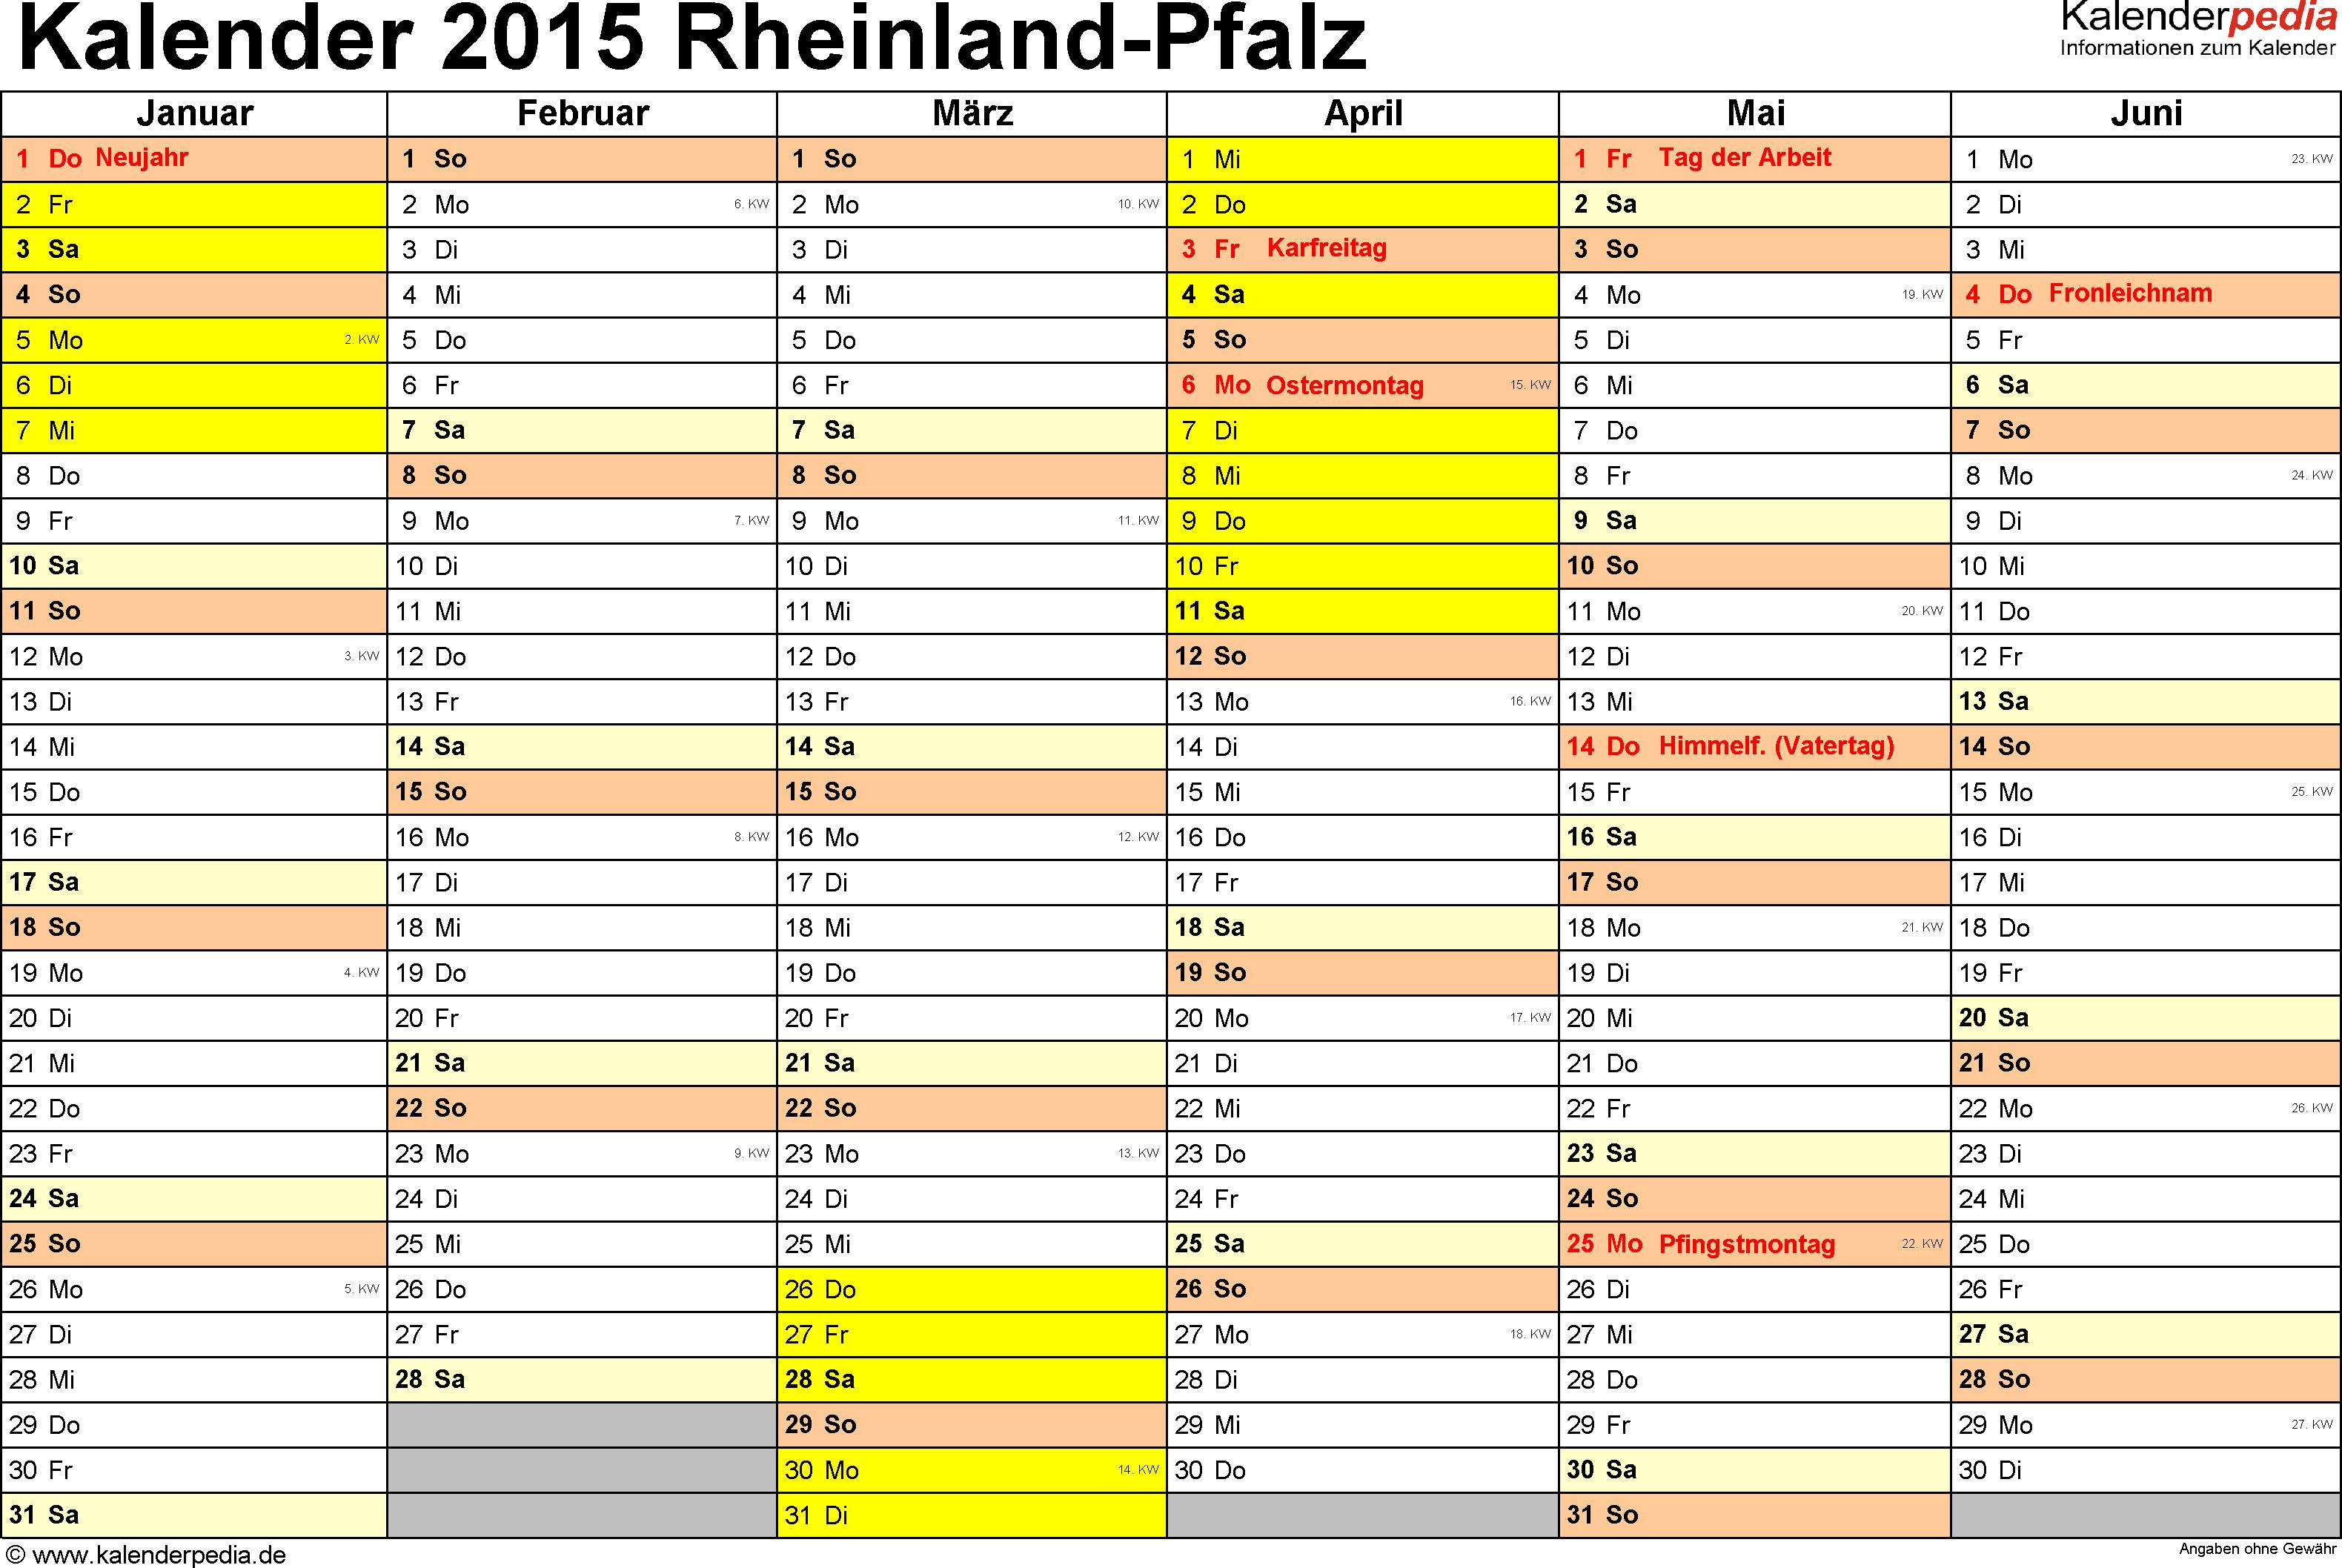 Vorlage 3: Kalender 2015 für Rheinland-Pfalz als Excel-Vorlagen (Querformat, 2 Seiten)